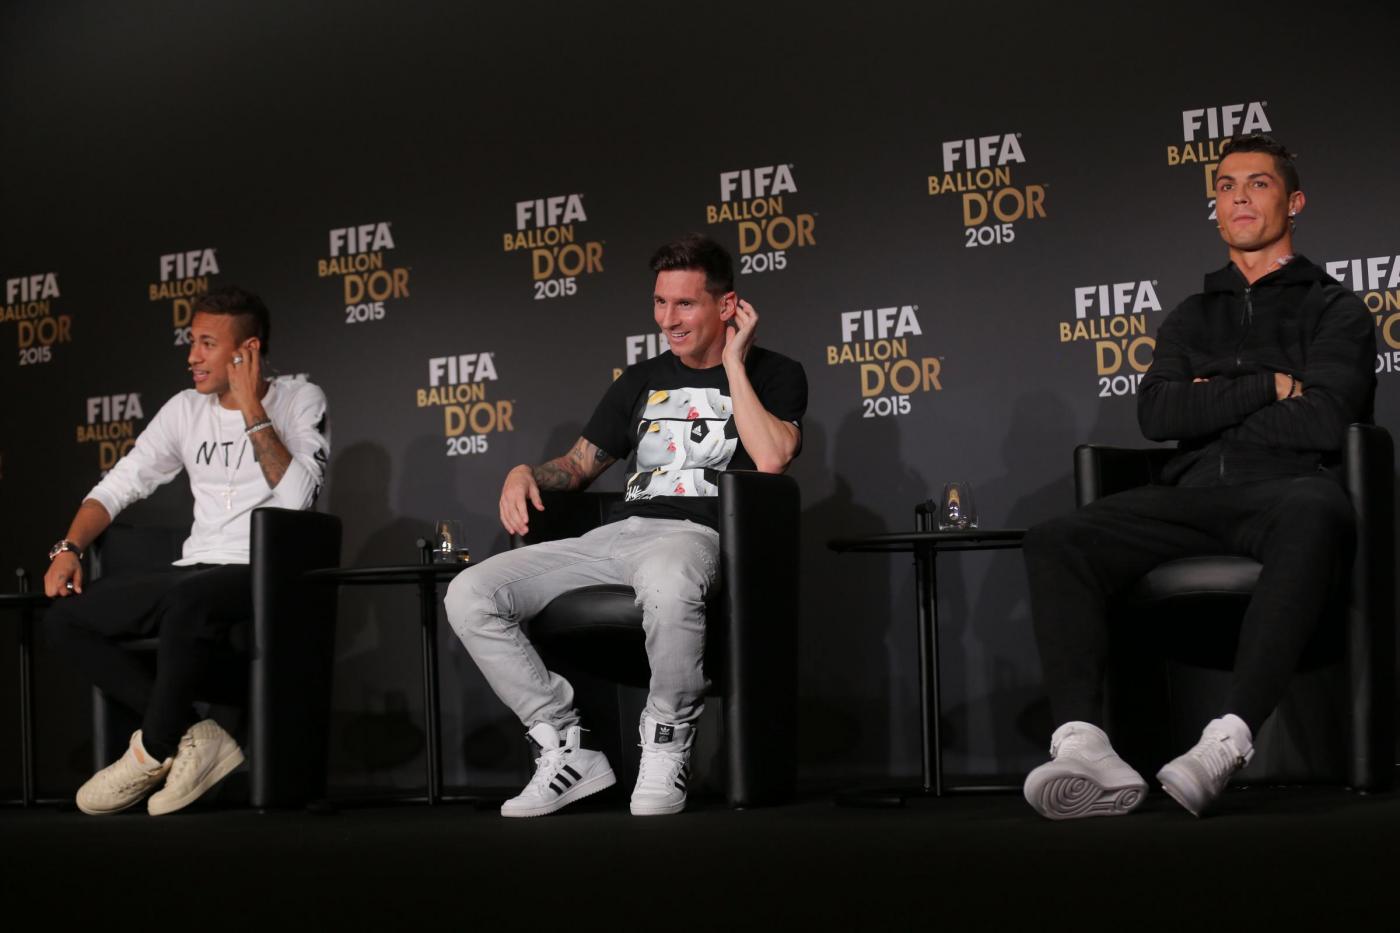 FIFA Ballon dOr